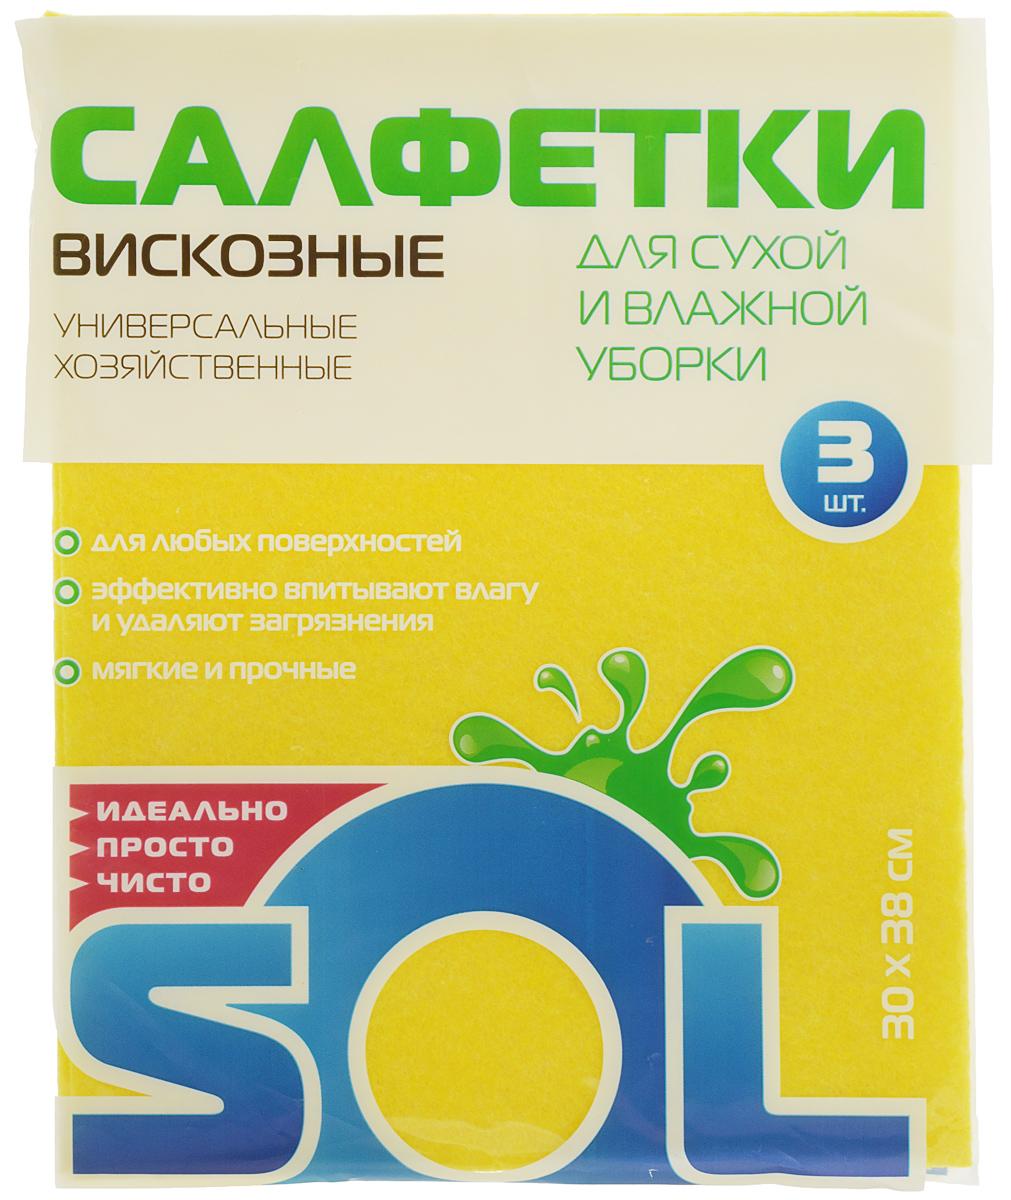 Салфетка для уборки Sol из вискозы, универсальная, цвет: желтый, 30 x 38 см, 3 шт531-105Салфетки для уборки Sol, выполненные из вискозы, предназначены для уборки и могут применяться с различными моющими средствами. Эффективно впитывают жидкость. Мягкие и прочные, легко отжимаются и быстро сохнут.Рекомендации по уходу: Для обеспечения гигиеничности уборки после применения прополоскать в теплой воде.Для продления срока службы не применять машинную стирку, не гладить и не кипятить.